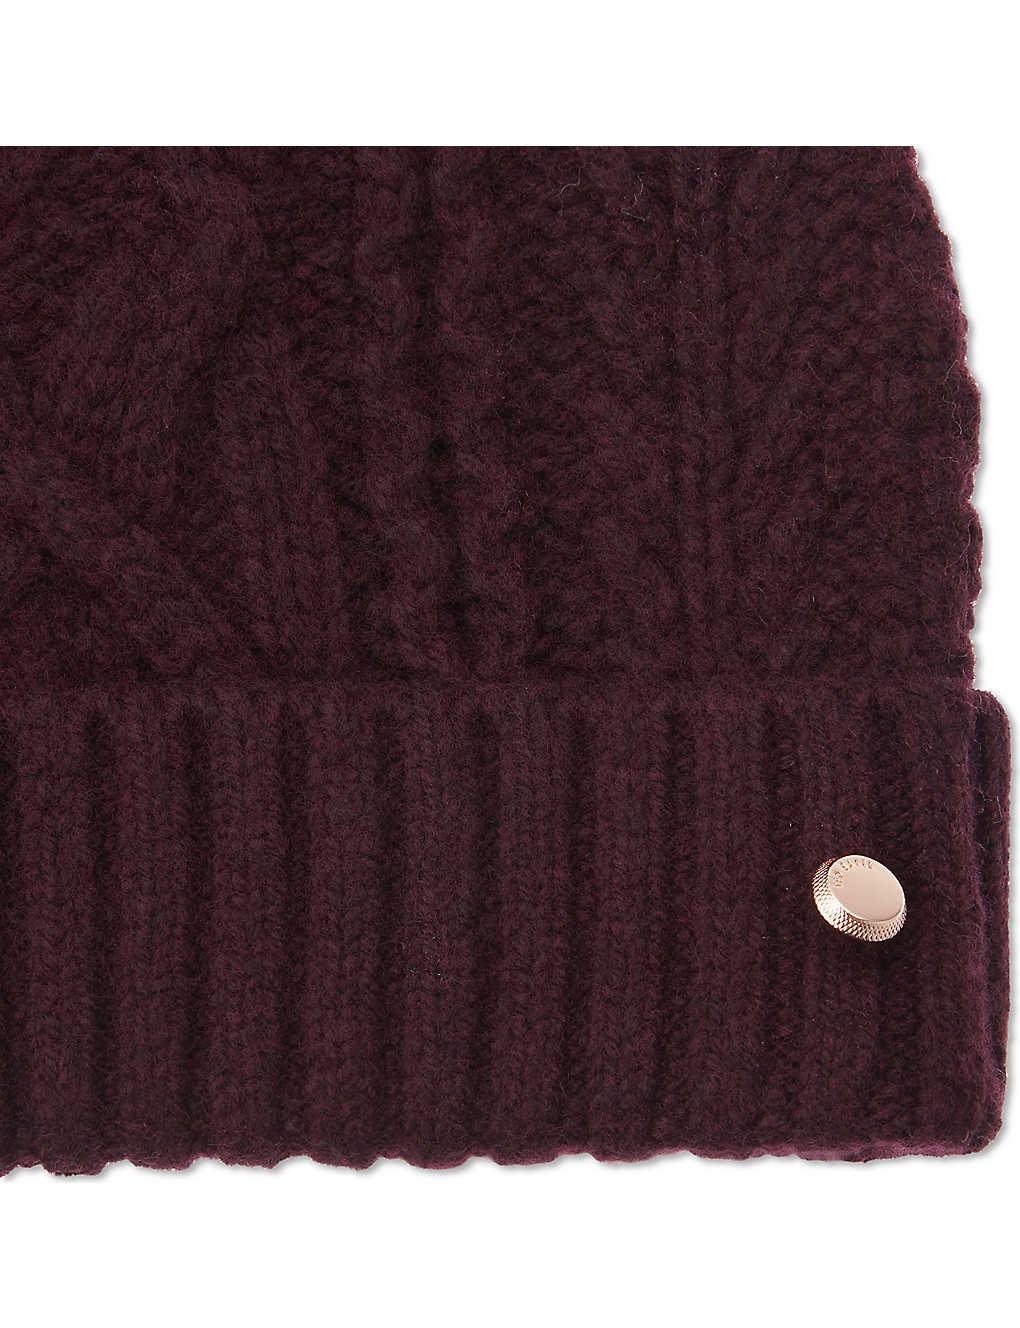 454c3d82d3e33 TED BAKER - Inita pom pom beanie hat